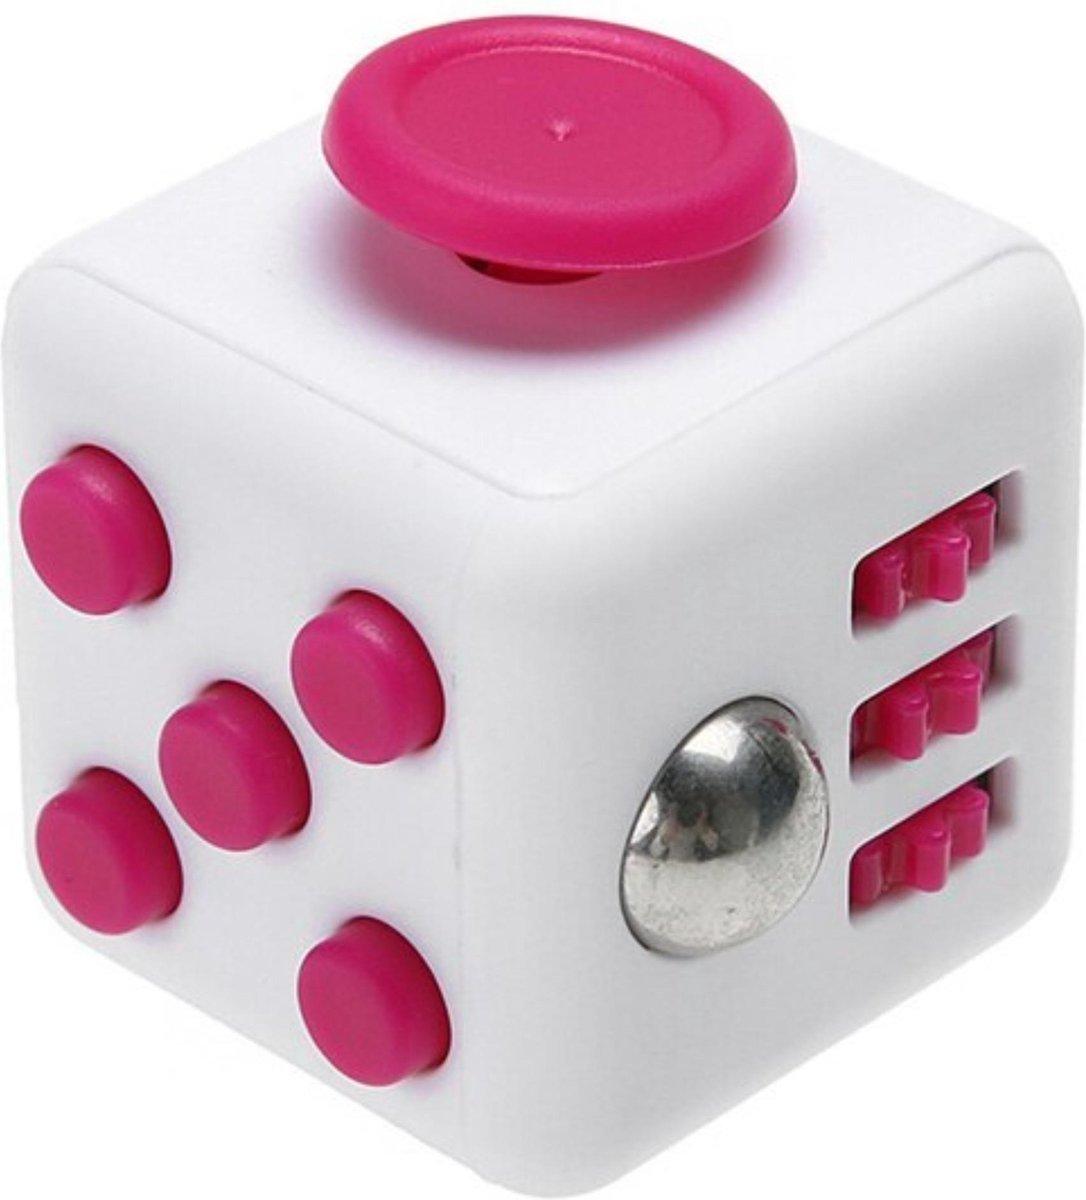 Fidget Cube - Hoogsensiviteit - Anti Stress - Stress - Friemelkubus - Stressbal - Speelgoed - Kubus - Fidget - Cadeau - Roze